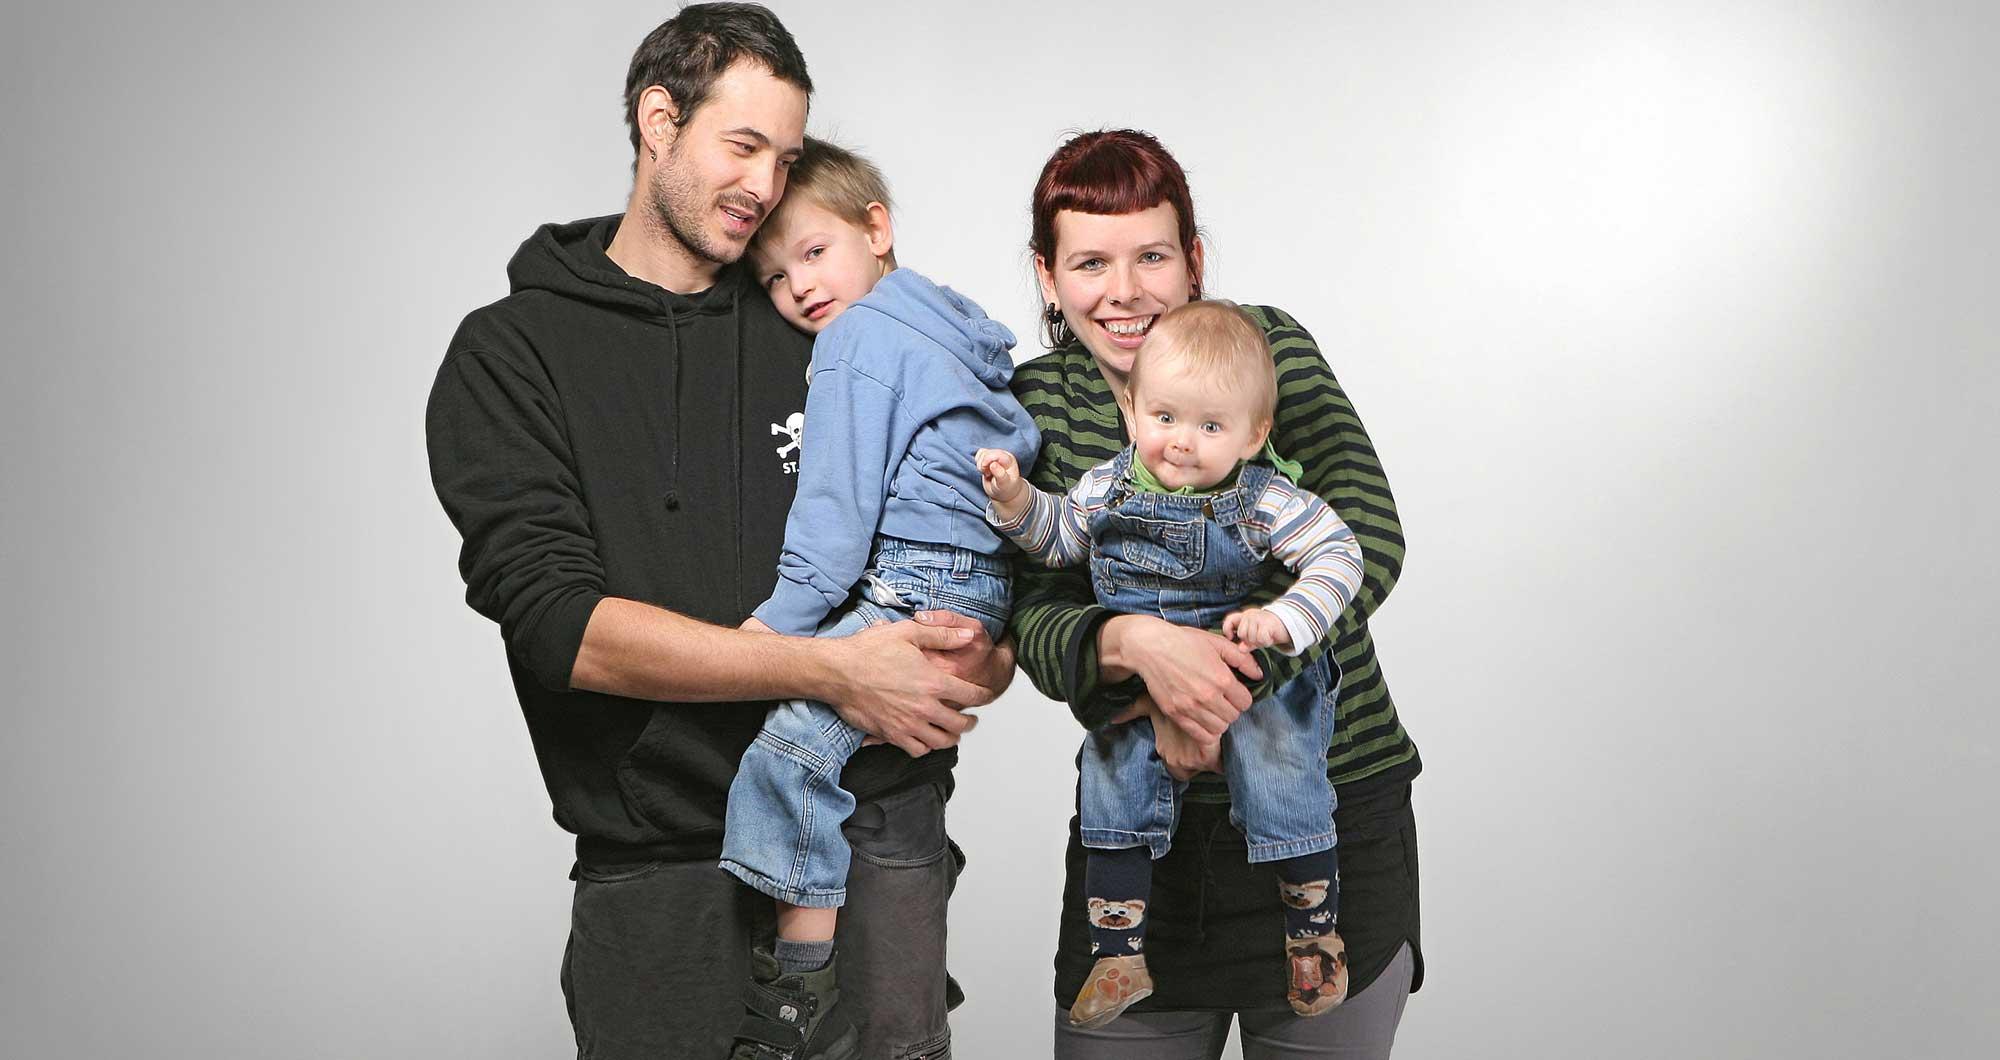 familieundkinderfoto-lenzvonkolkow01